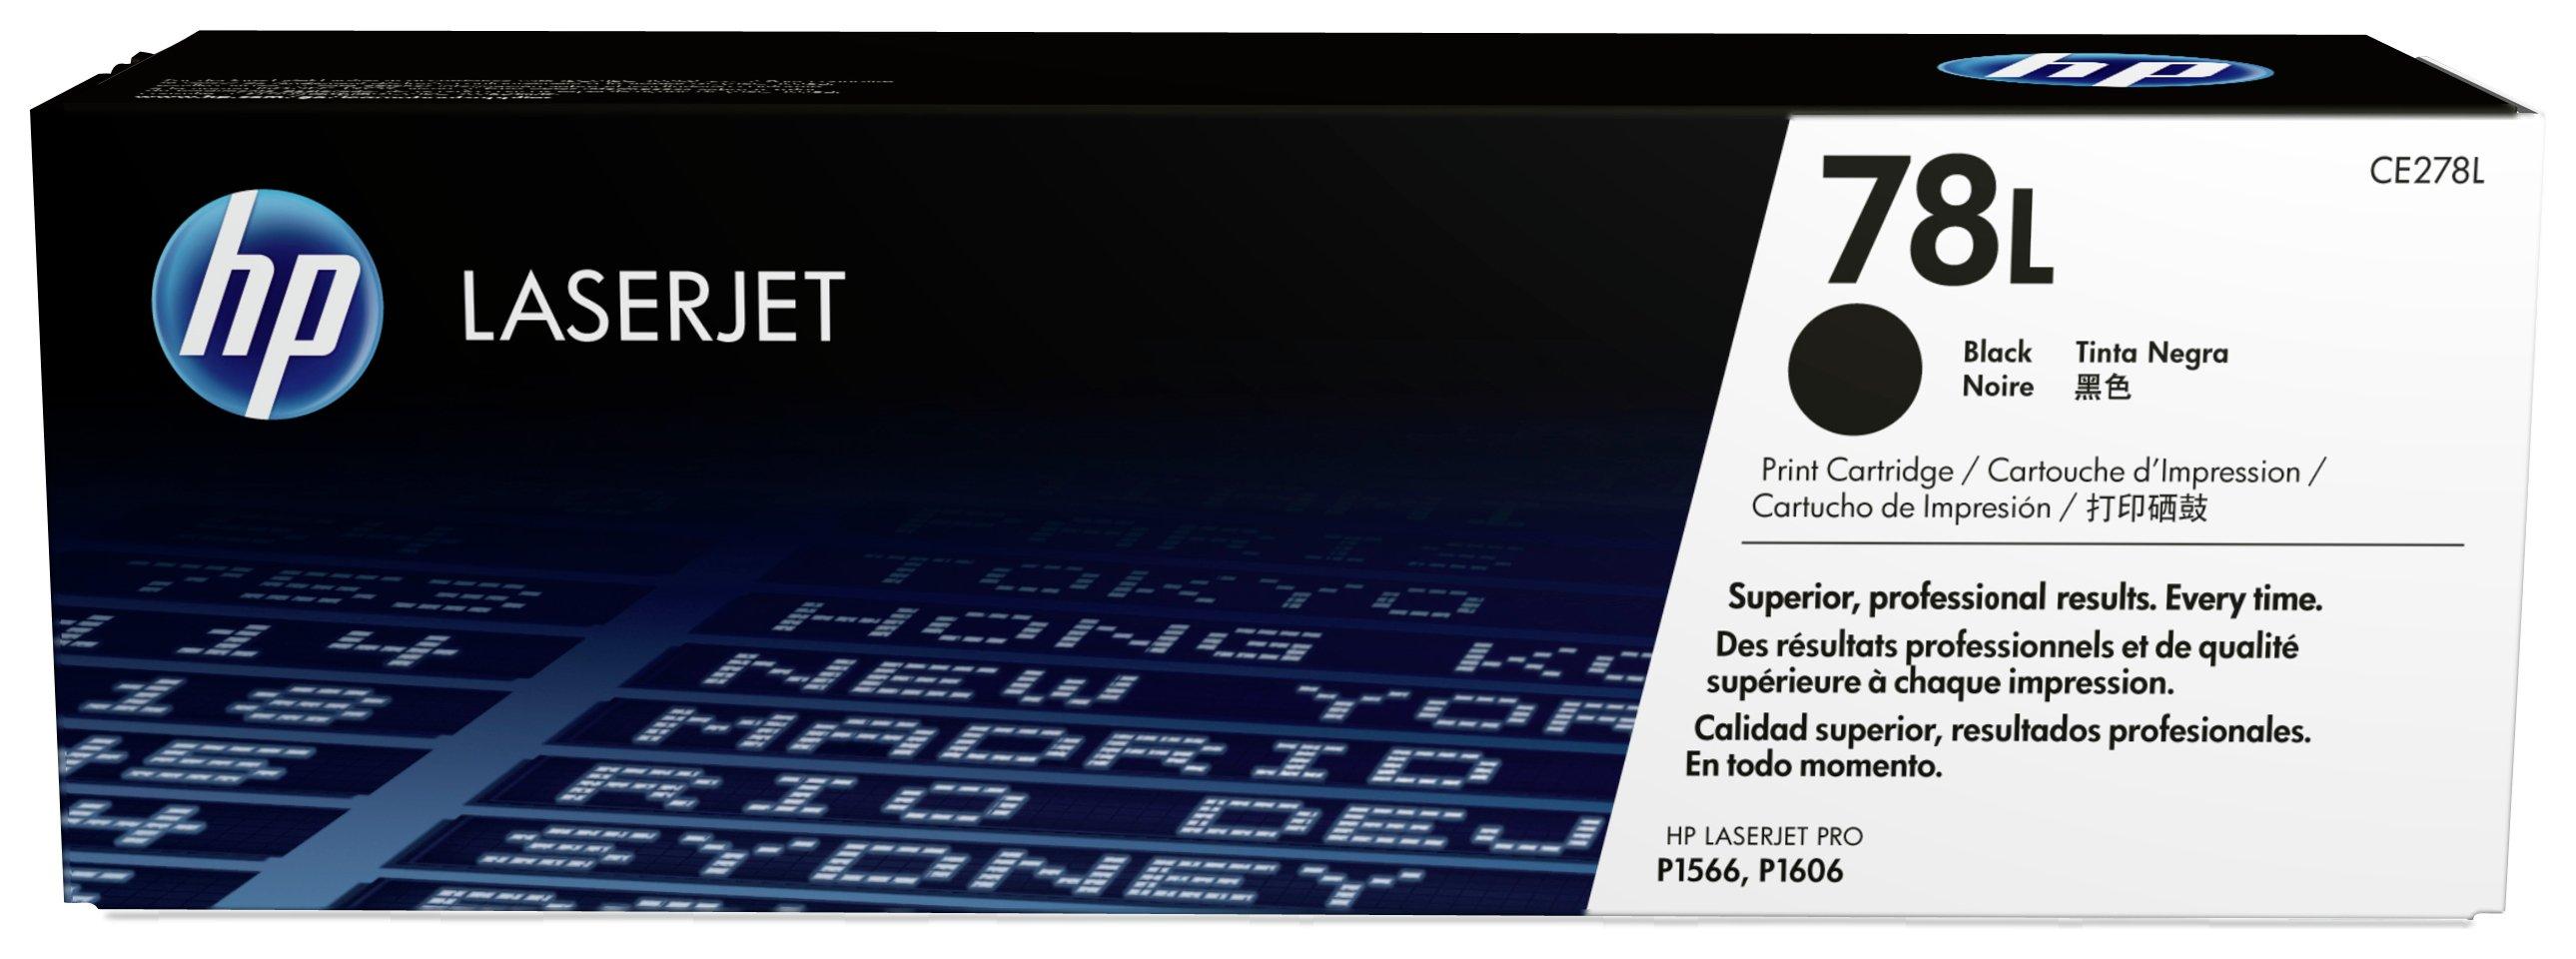 HP - 78L Economy Black LaserJet - Toner (CE278L)